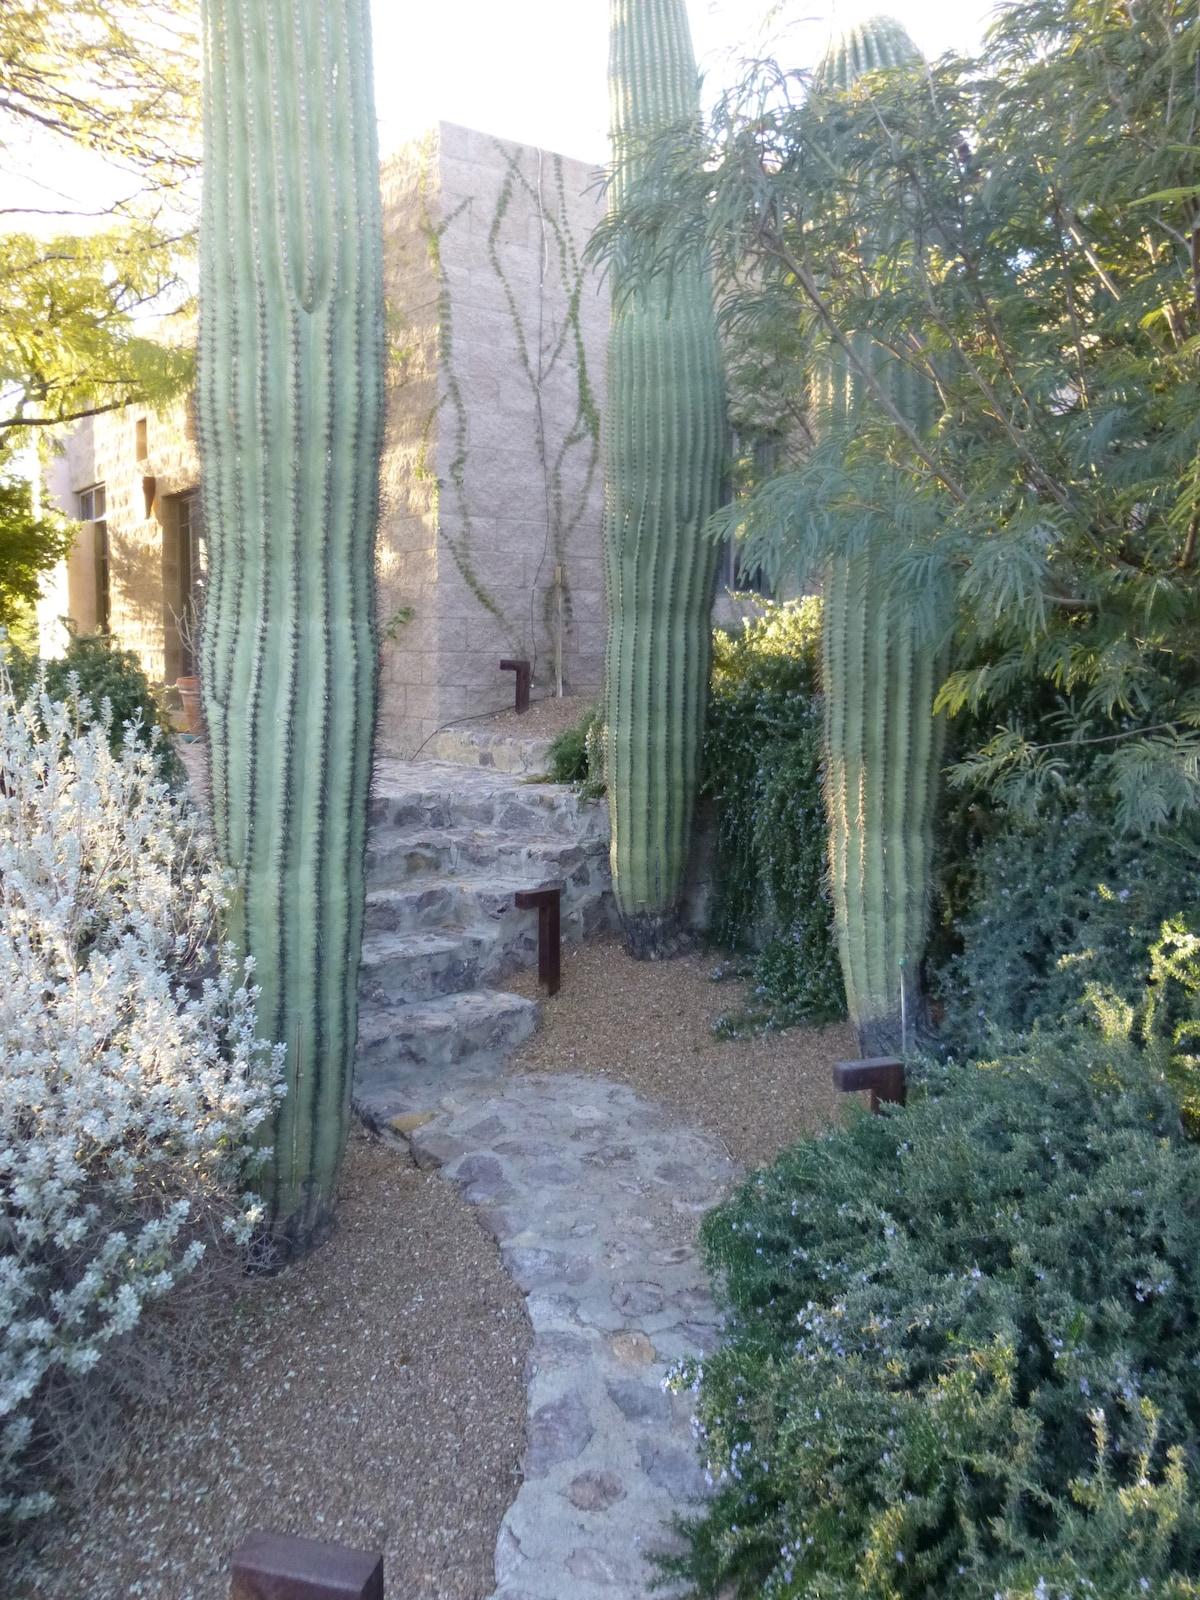 Entrance through the Saguaros